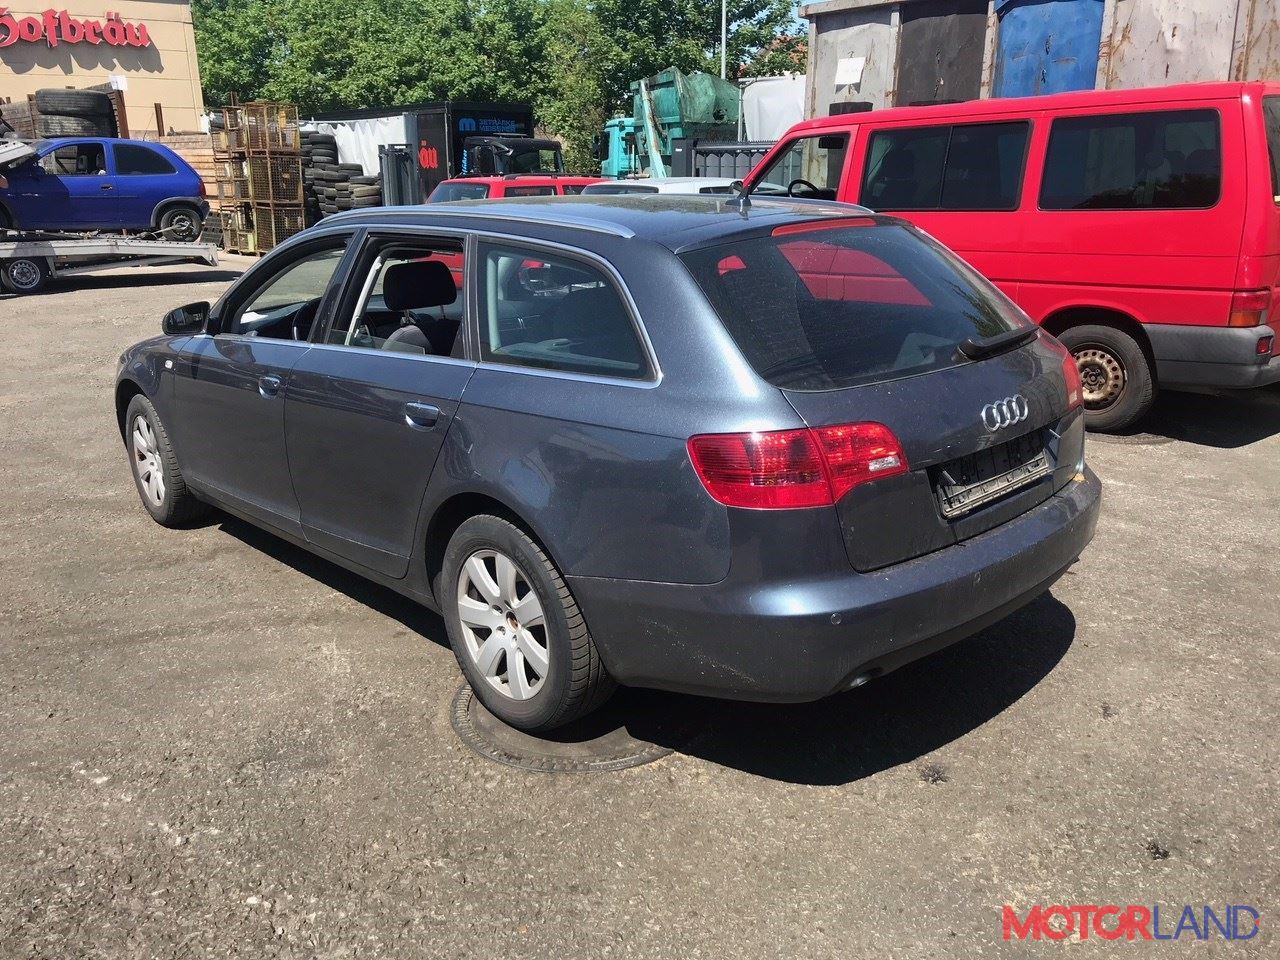 Audi A6 (C6) 2005-2011, разборочный номер 67363 #2